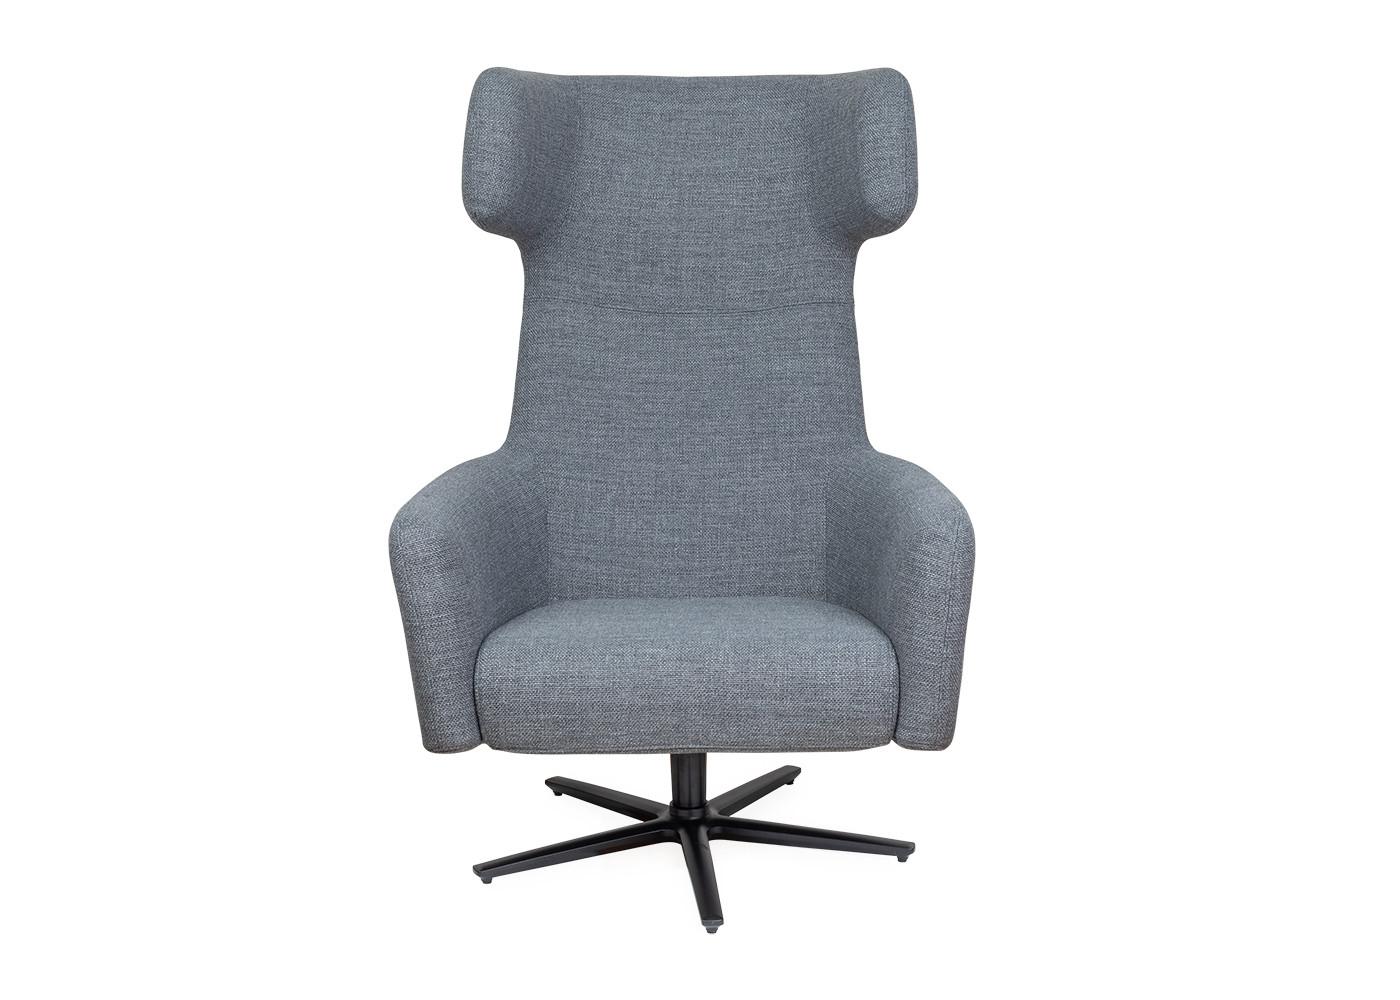 Havana Wing Chair Swivel Base Tundra Dark Grey Pertaining To Dark Grey Swivel Chairs (Image 9 of 20)